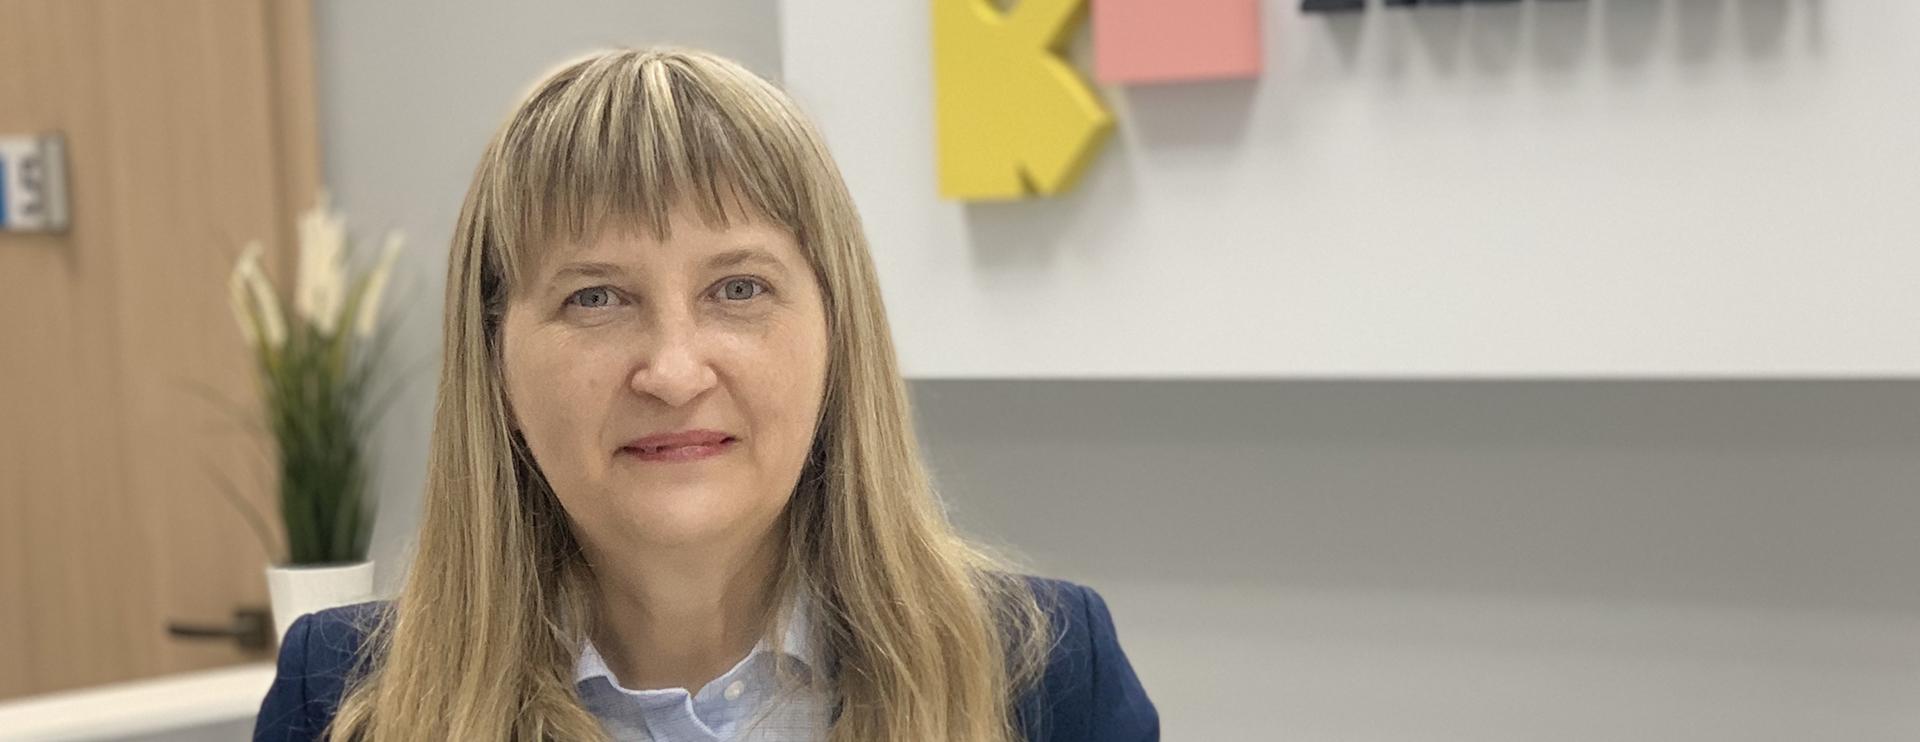 Małgorzata Woźnicka - Psychoterapeuta - Lekarze z Radości Warszawa